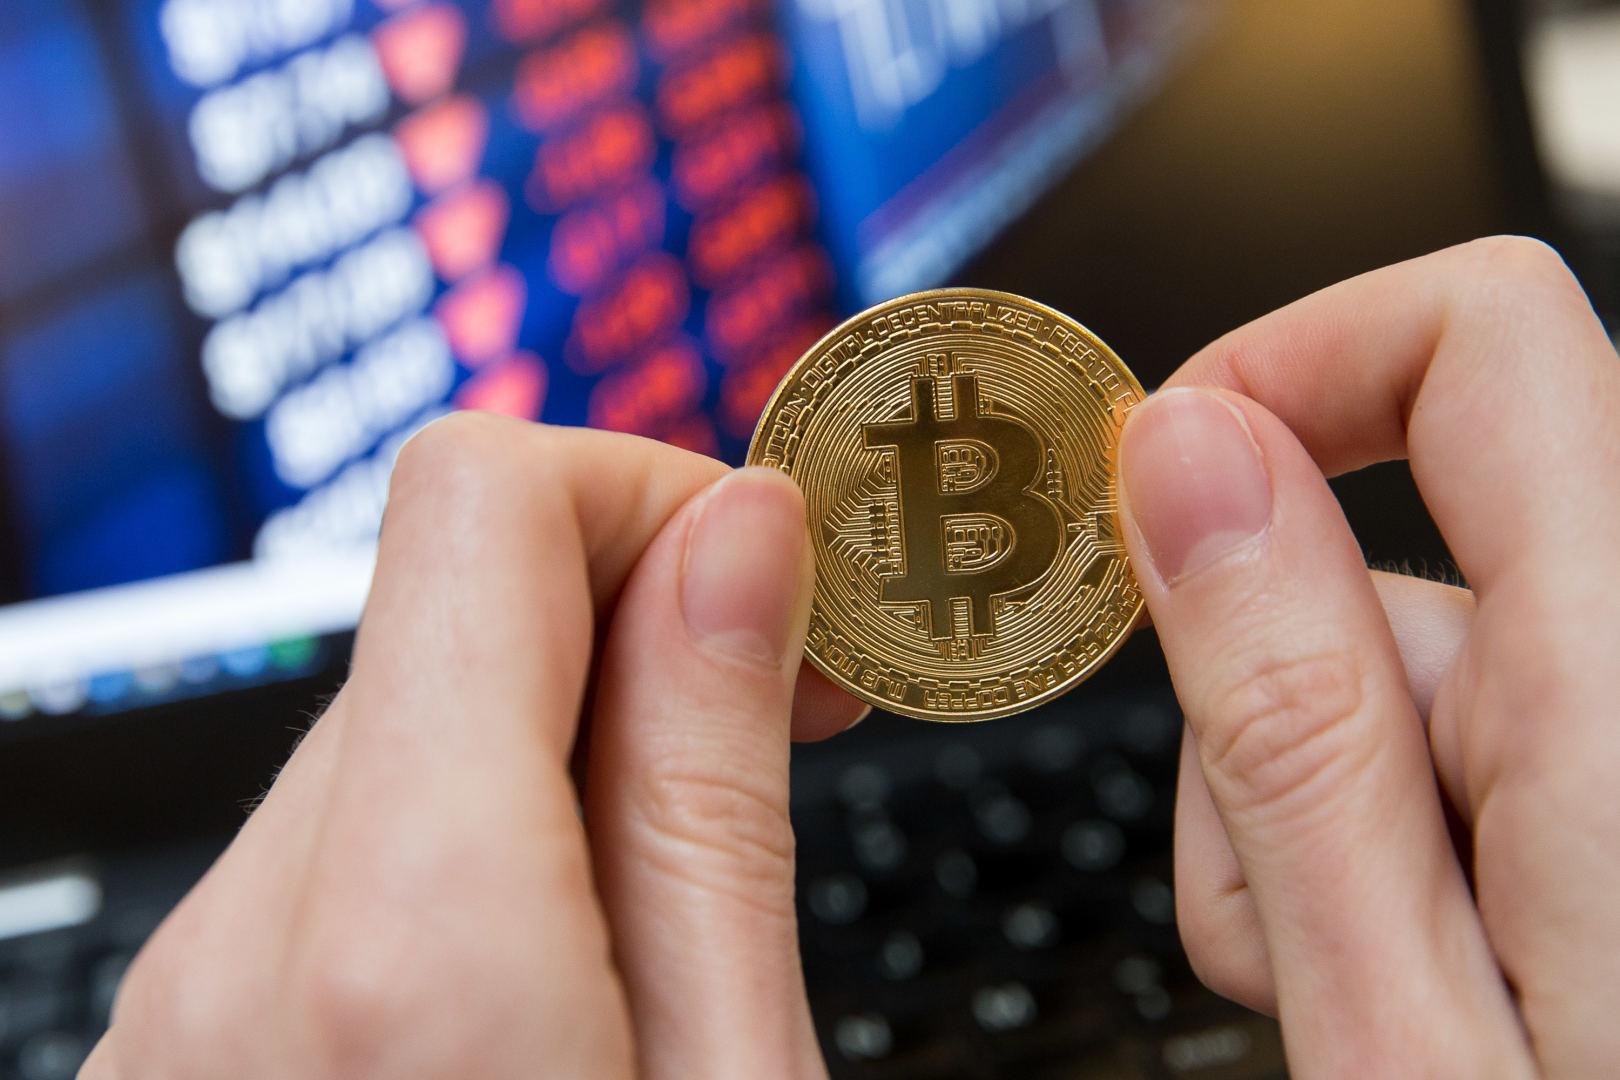 bitkoinų stalas